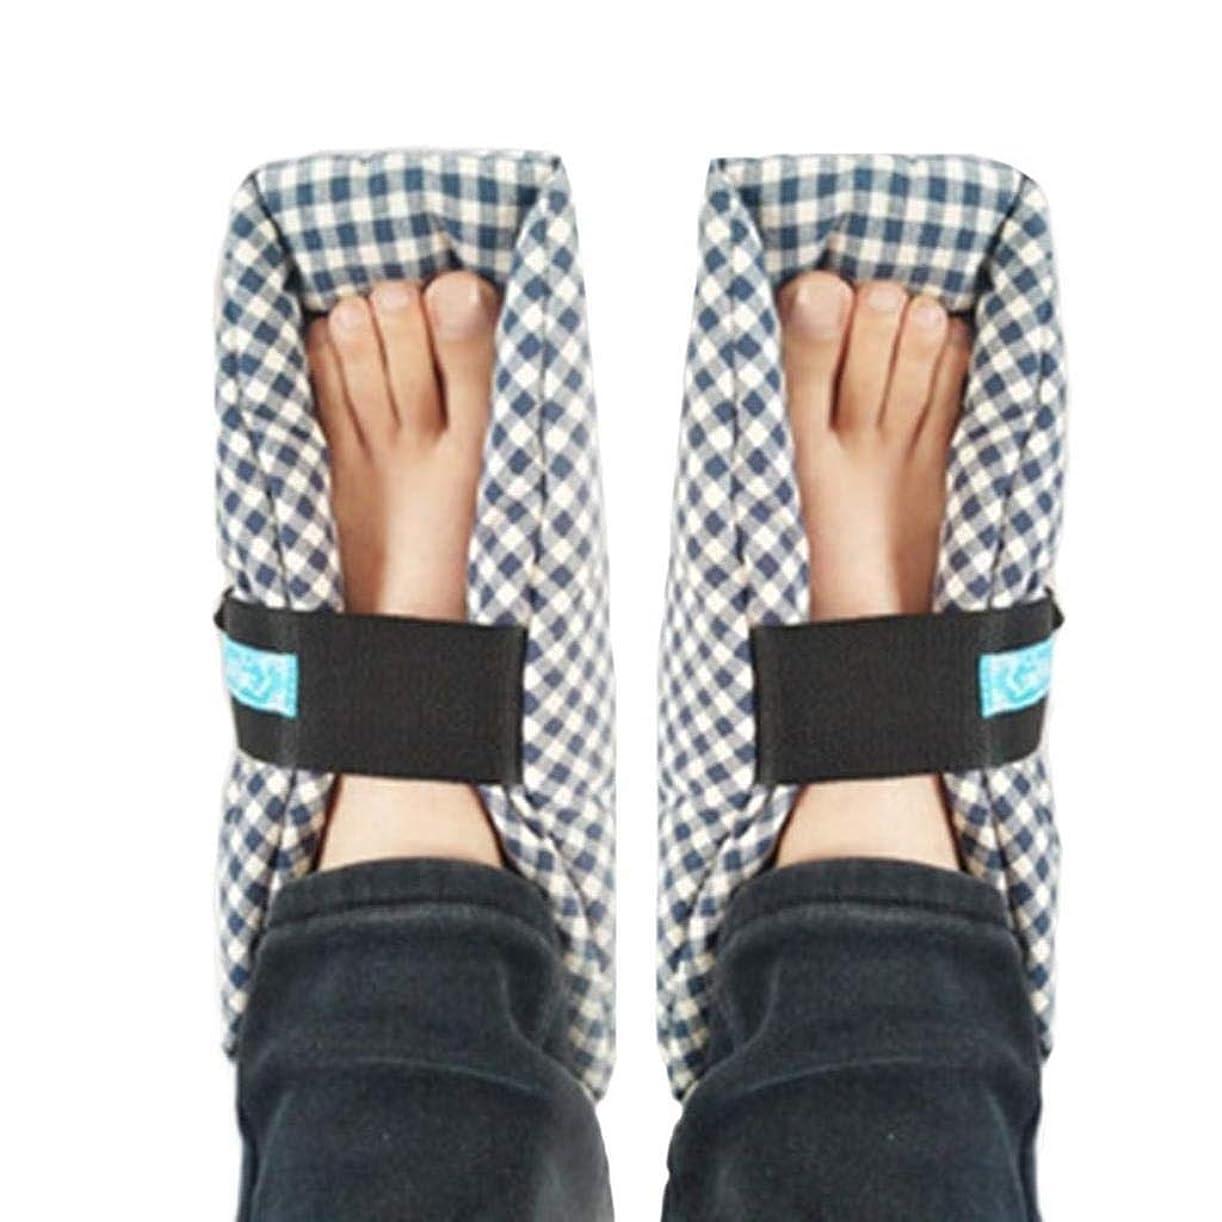 のぞき見延ばす全能TONGSH 足枕、かかとプロテクター、かかとクッション、かかと保護、効果的な、瘡およびかかと潰瘍の救済、腫れた足に最適、快適なかかと保護足枕、1組、格子縞